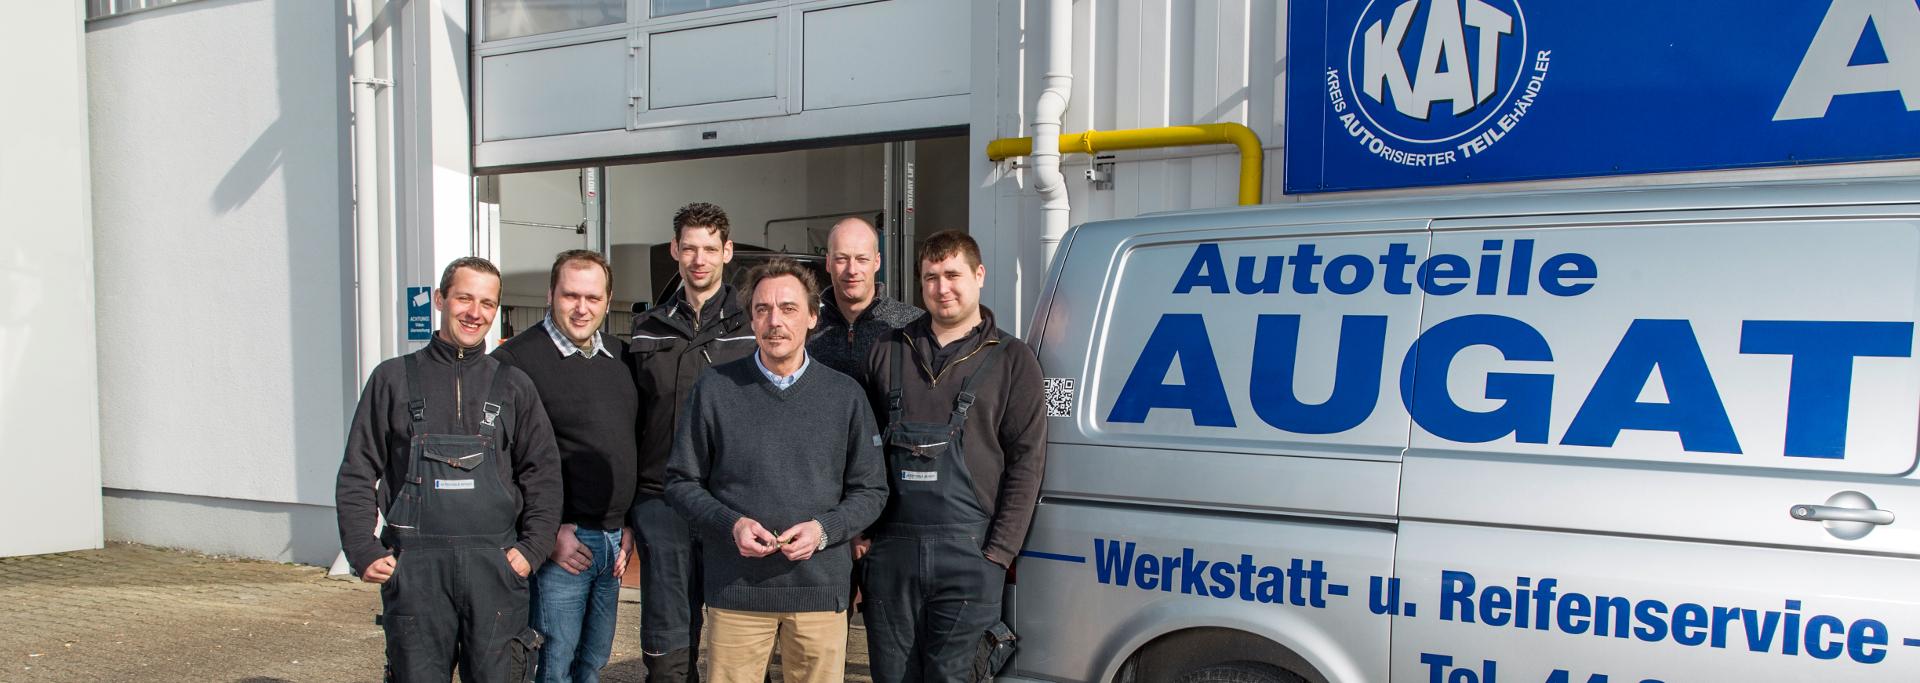 Autoteile Augat_Unternehmen_Silder_crop2